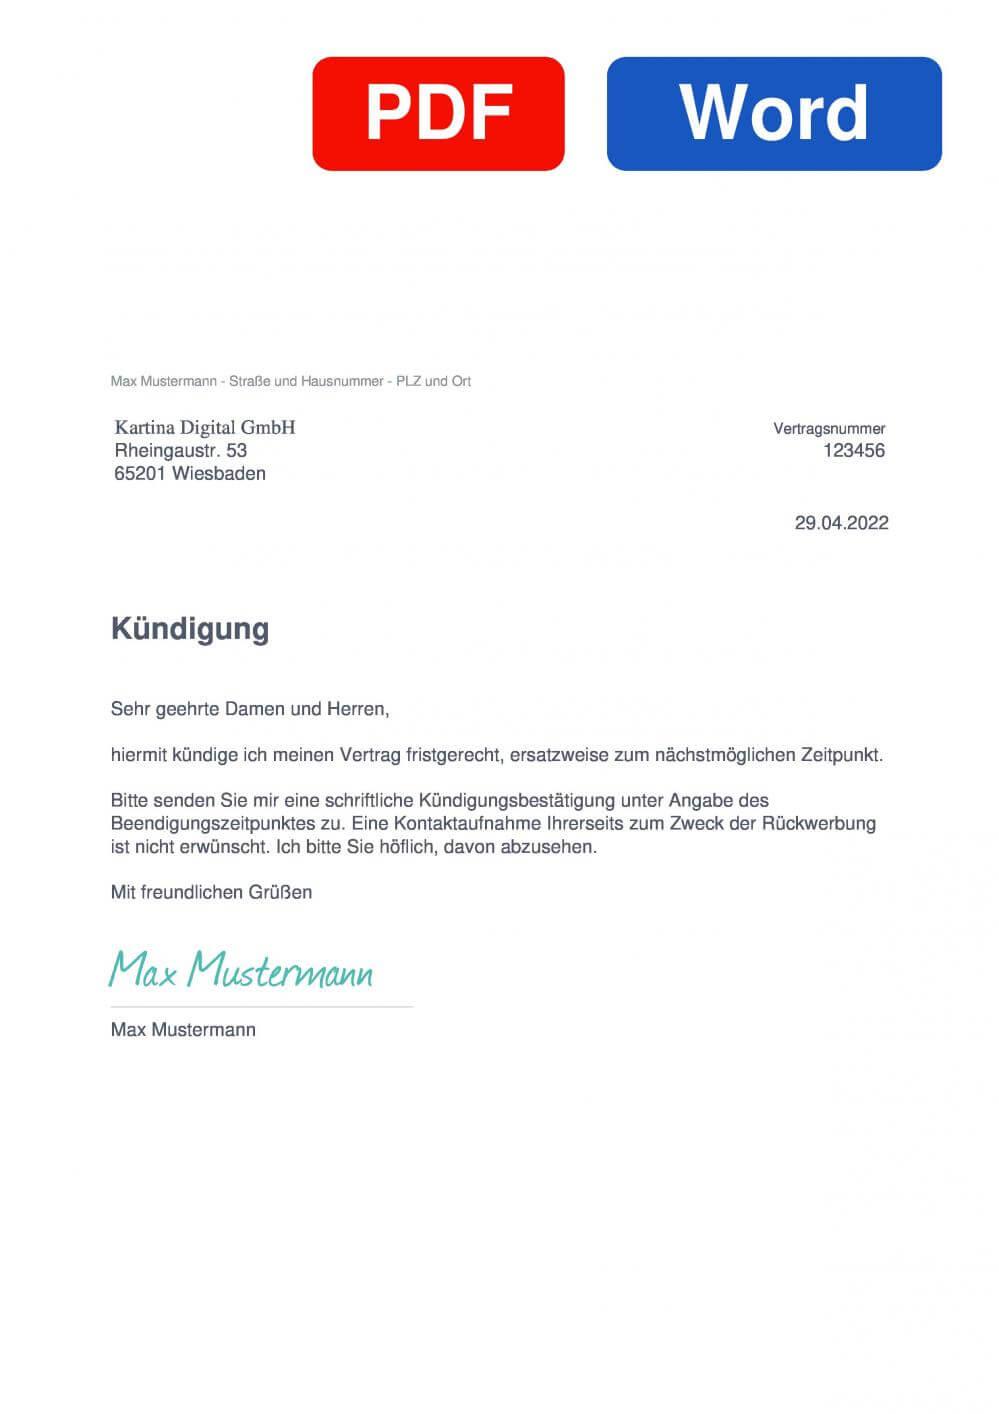 Kartina TV Muster Vorlage für Kündigungsschreiben